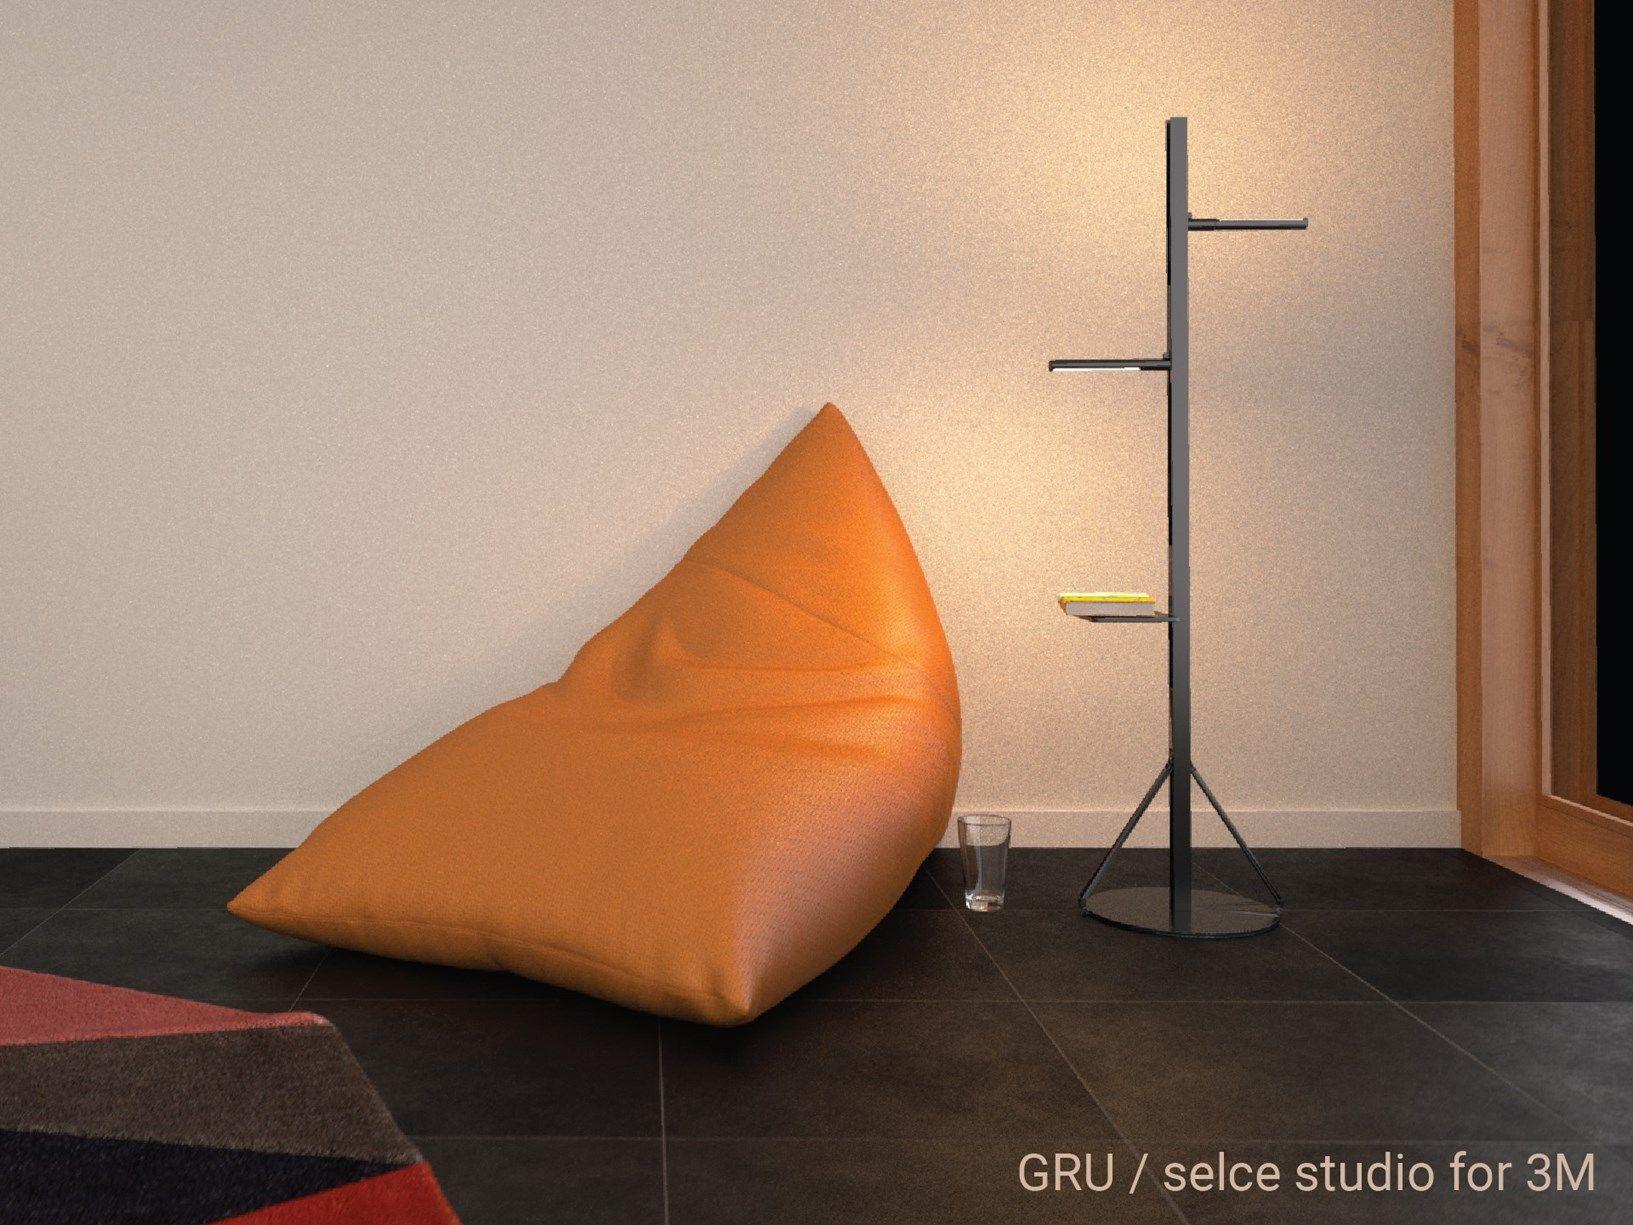 Gli innovativi sistemi di fissaggio 3M incontrano  il design nel contest di Desall